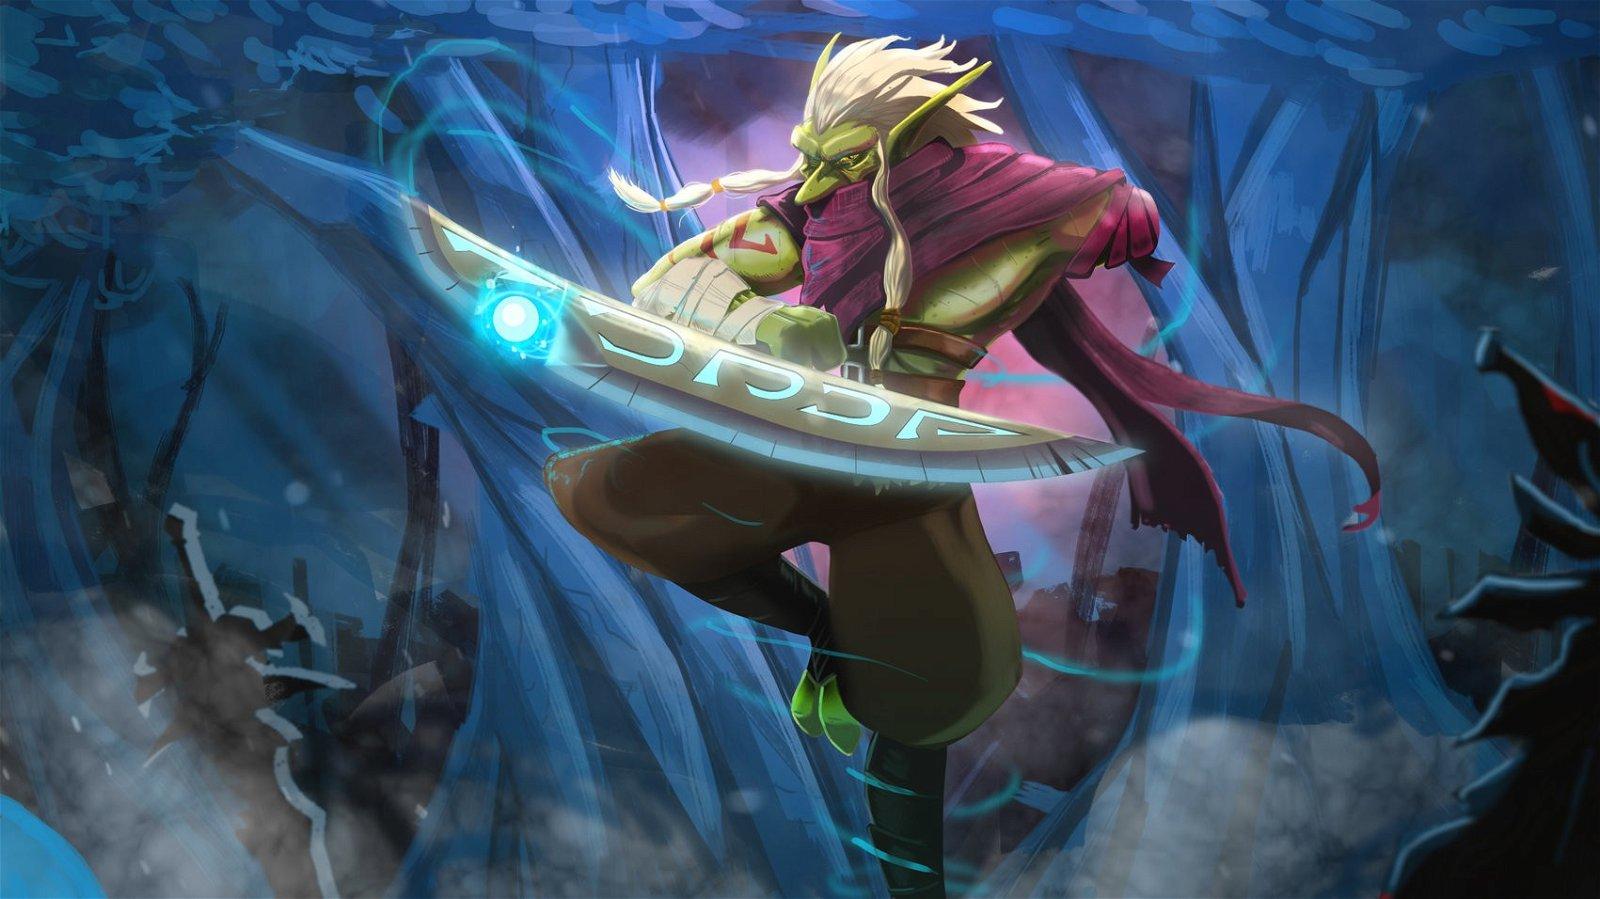 Heroes of the Storm tendrá un nuevo héroe en enero de 2017